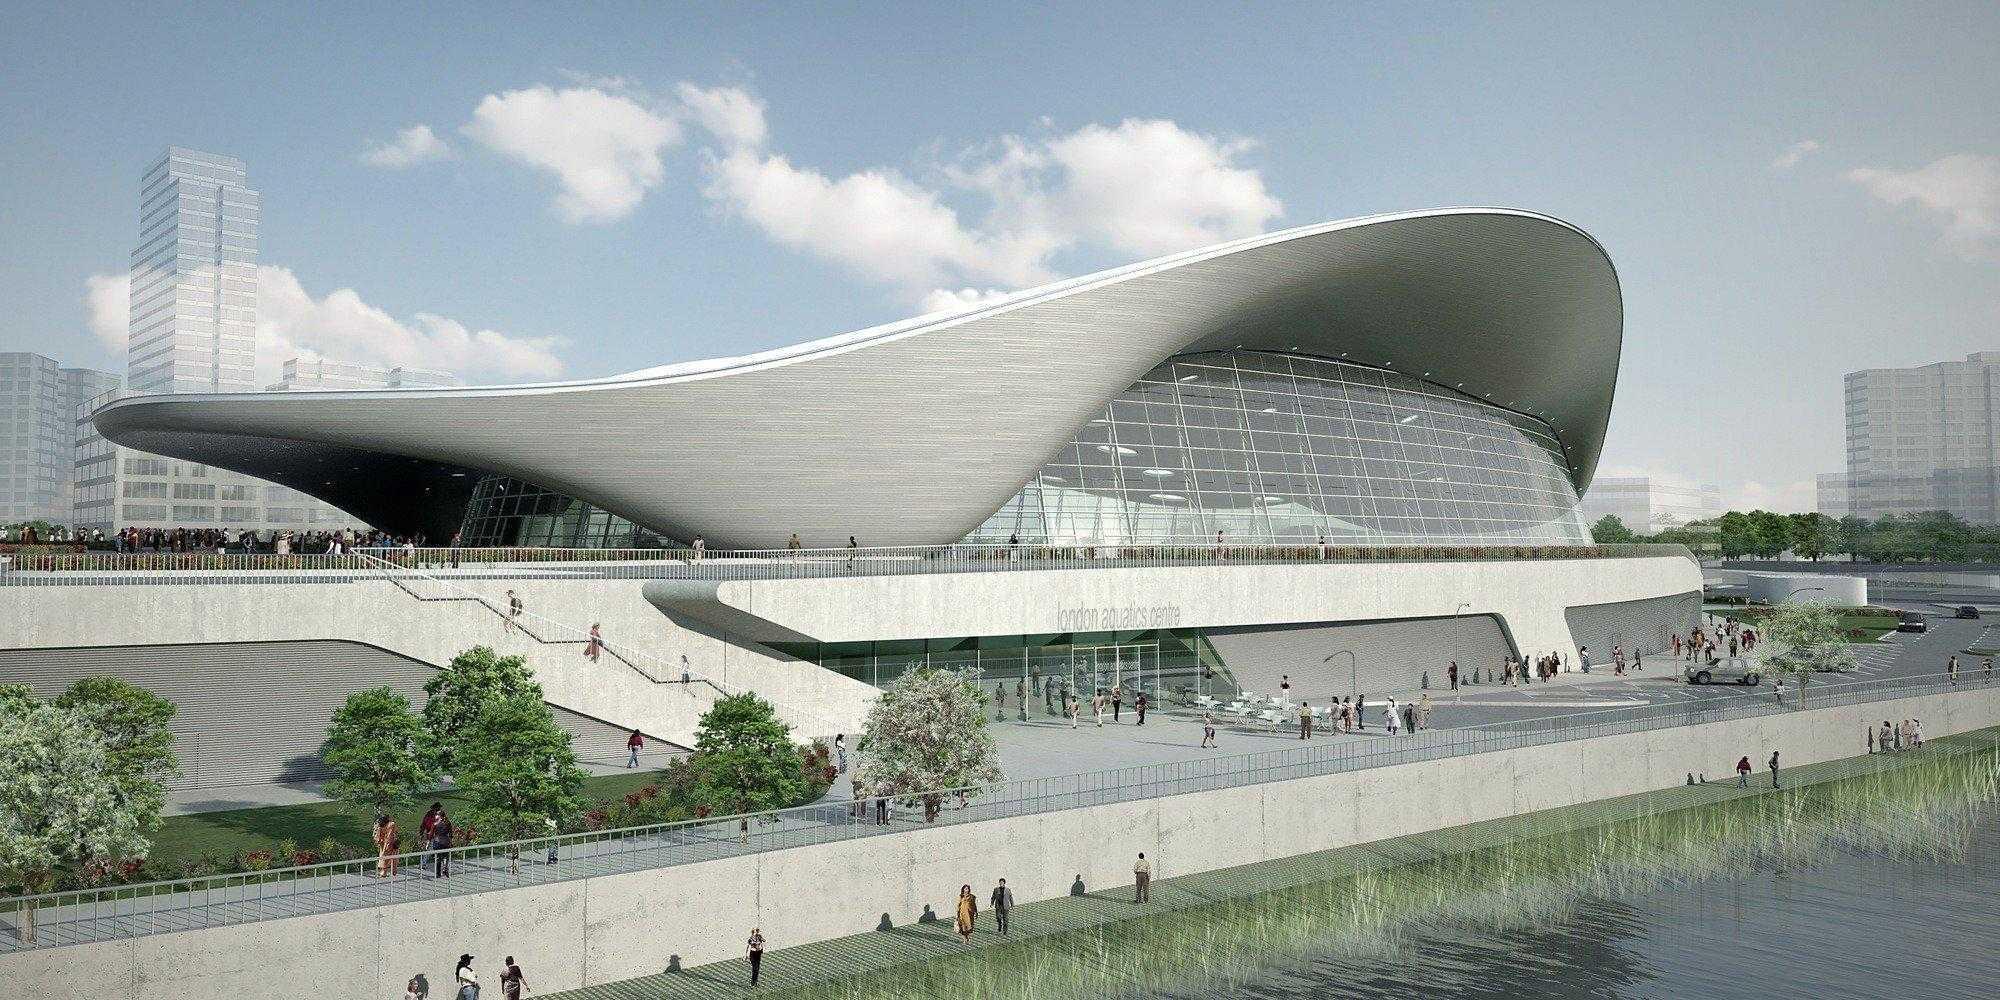 London Aquatics Centre (completato nel 2011, costruito per le Olimpiadi di Londra)